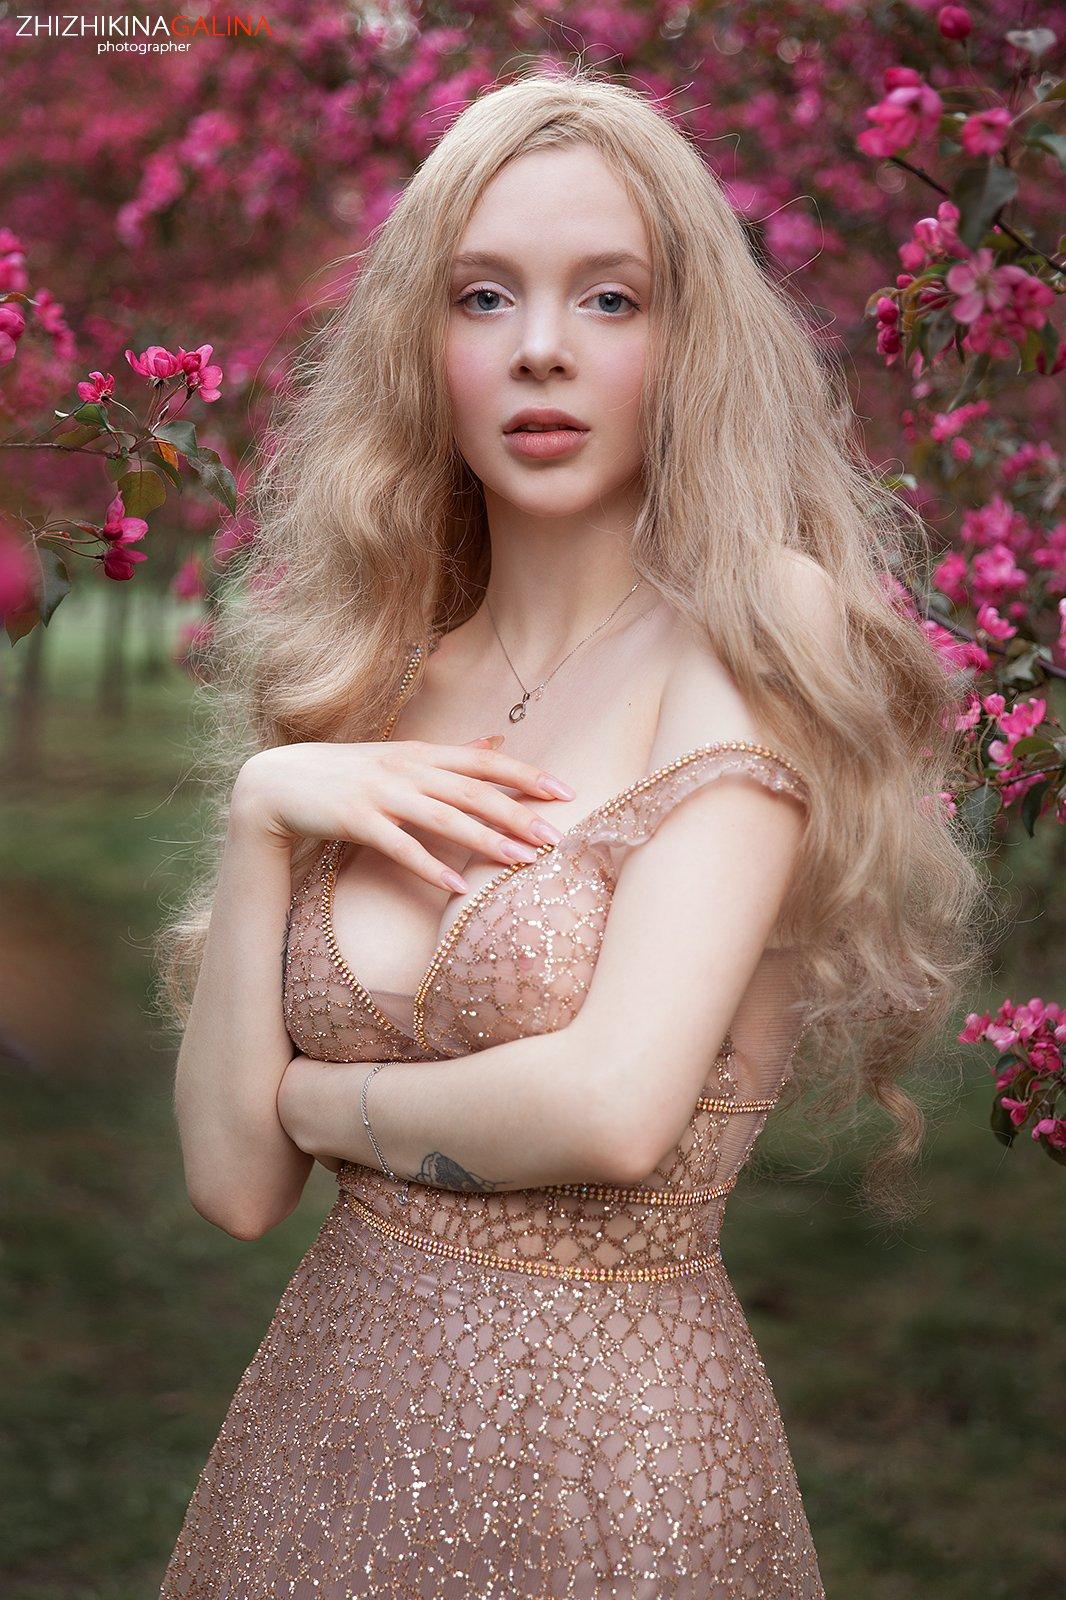 девушка, красивая, прикосновение, цветы, цветение, розовое, глаза, нежность, фотограф, москва, portrait, fce, girl, beauty, портрет, Галина Жижикина